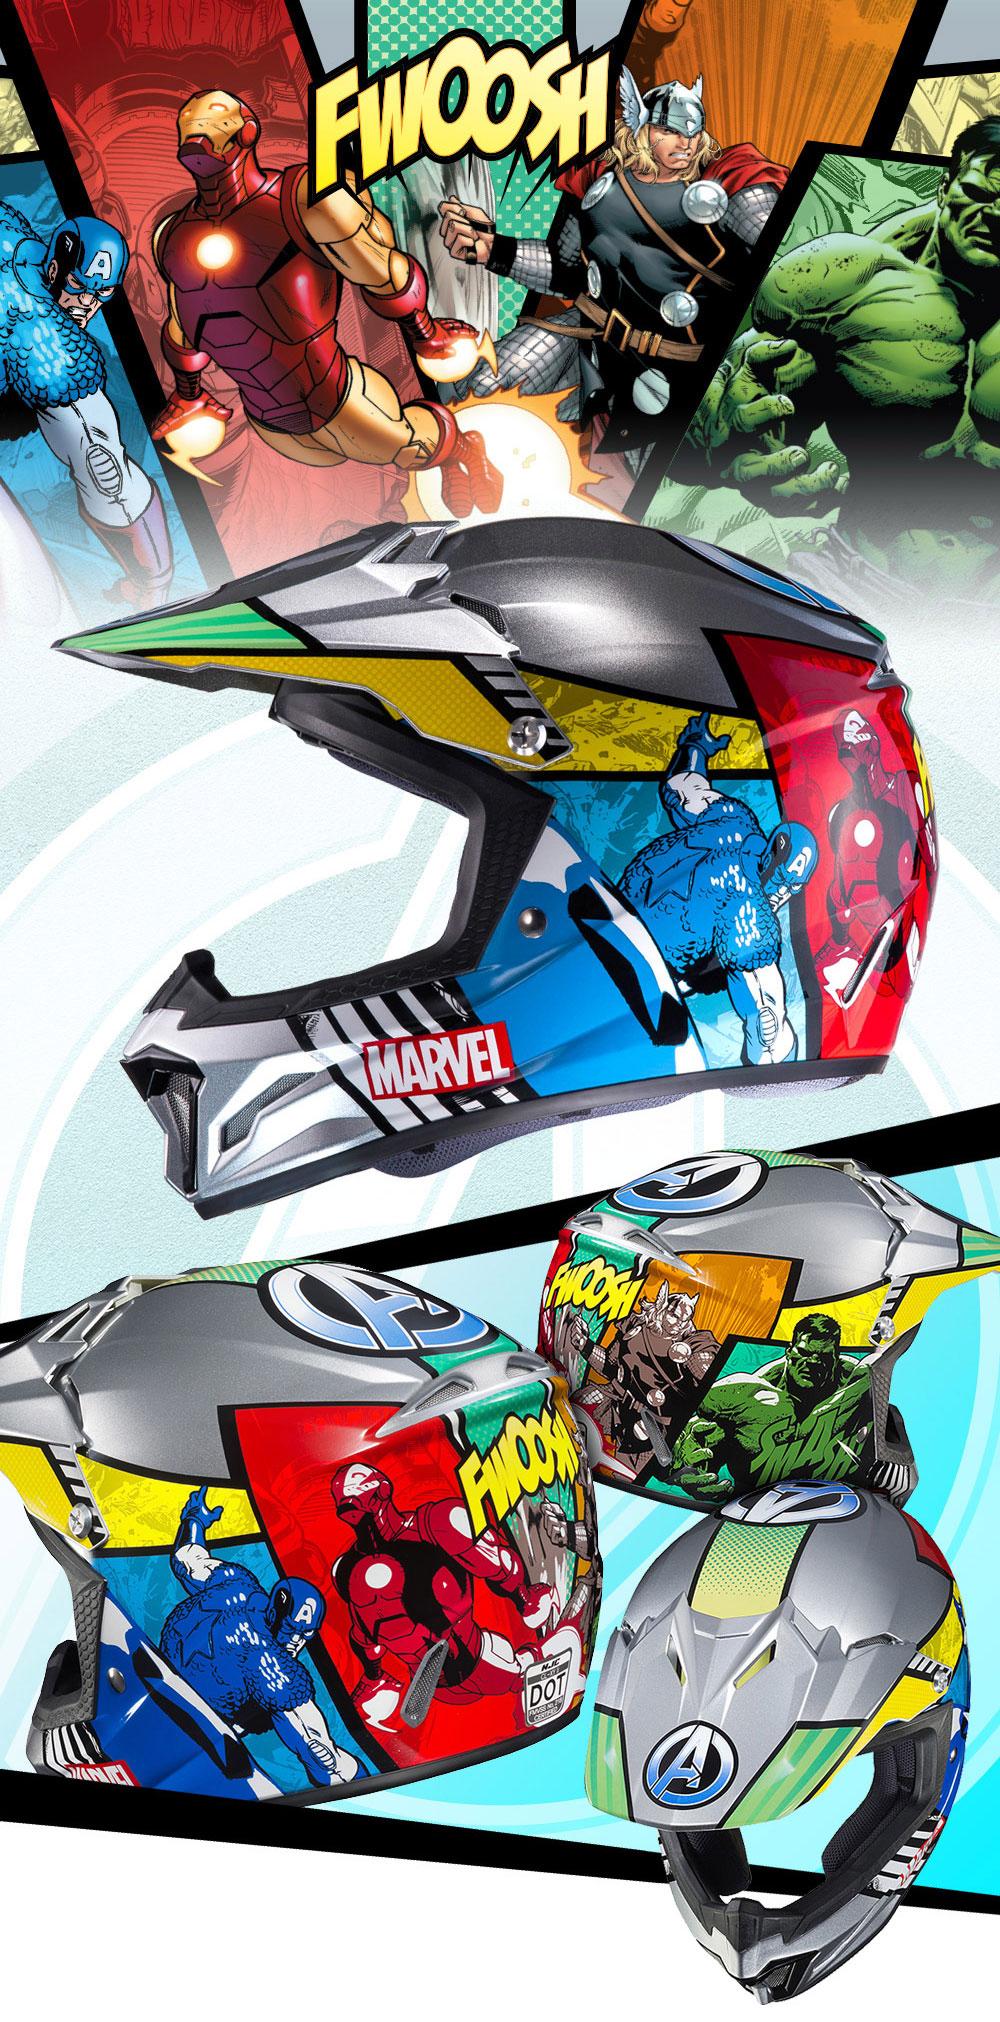 HJC_Avengers1.jpg